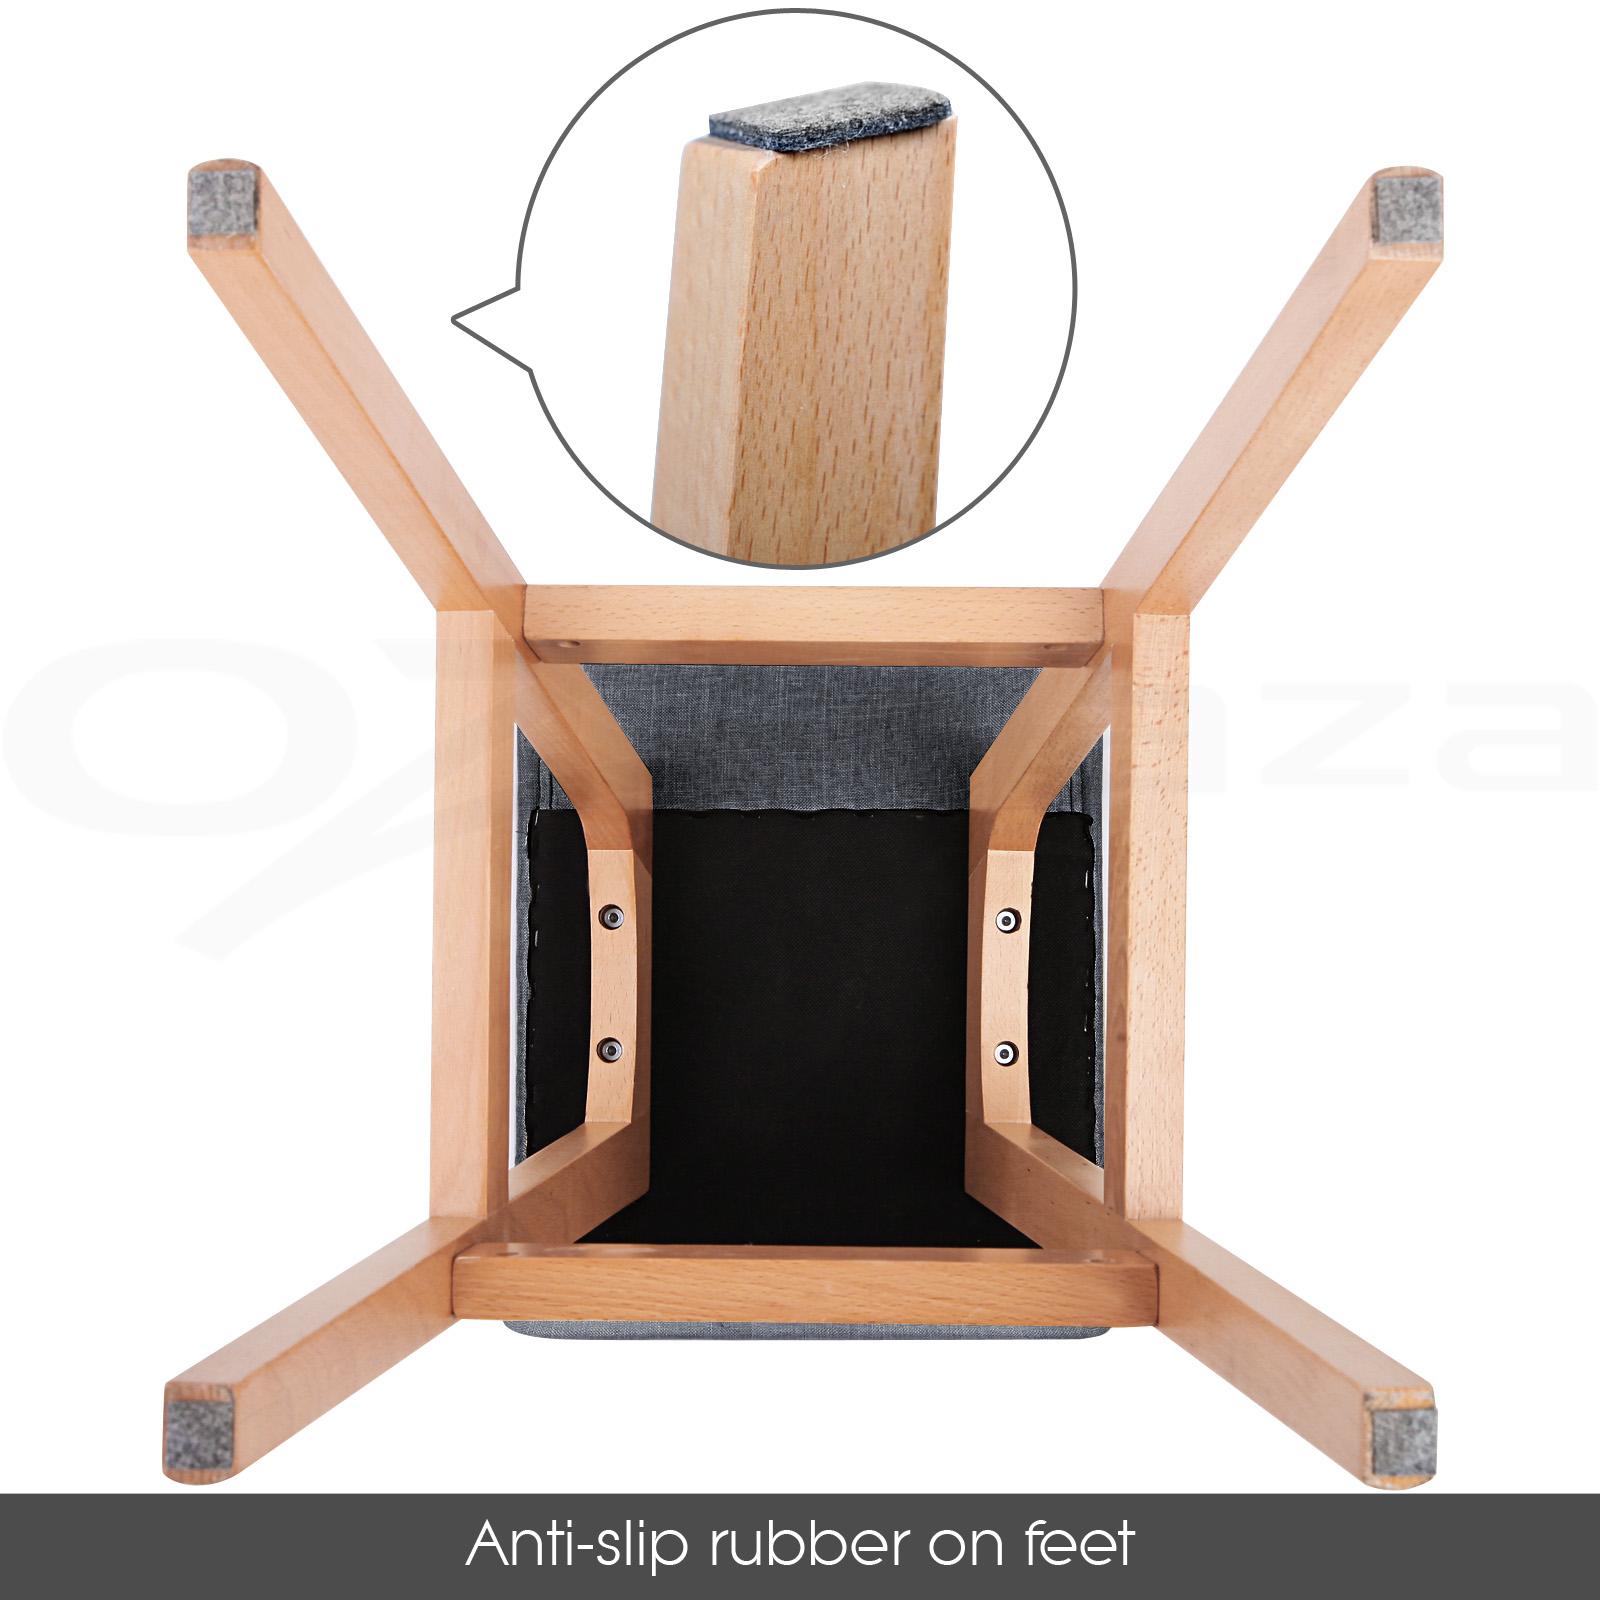 4x Wooden Bar Stools Kitchen Barstool Fabric Foam Seat  : BA TW T1568 BKX4 P05 from www.ebay.com.au size 1600 x 1600 jpeg 346kB